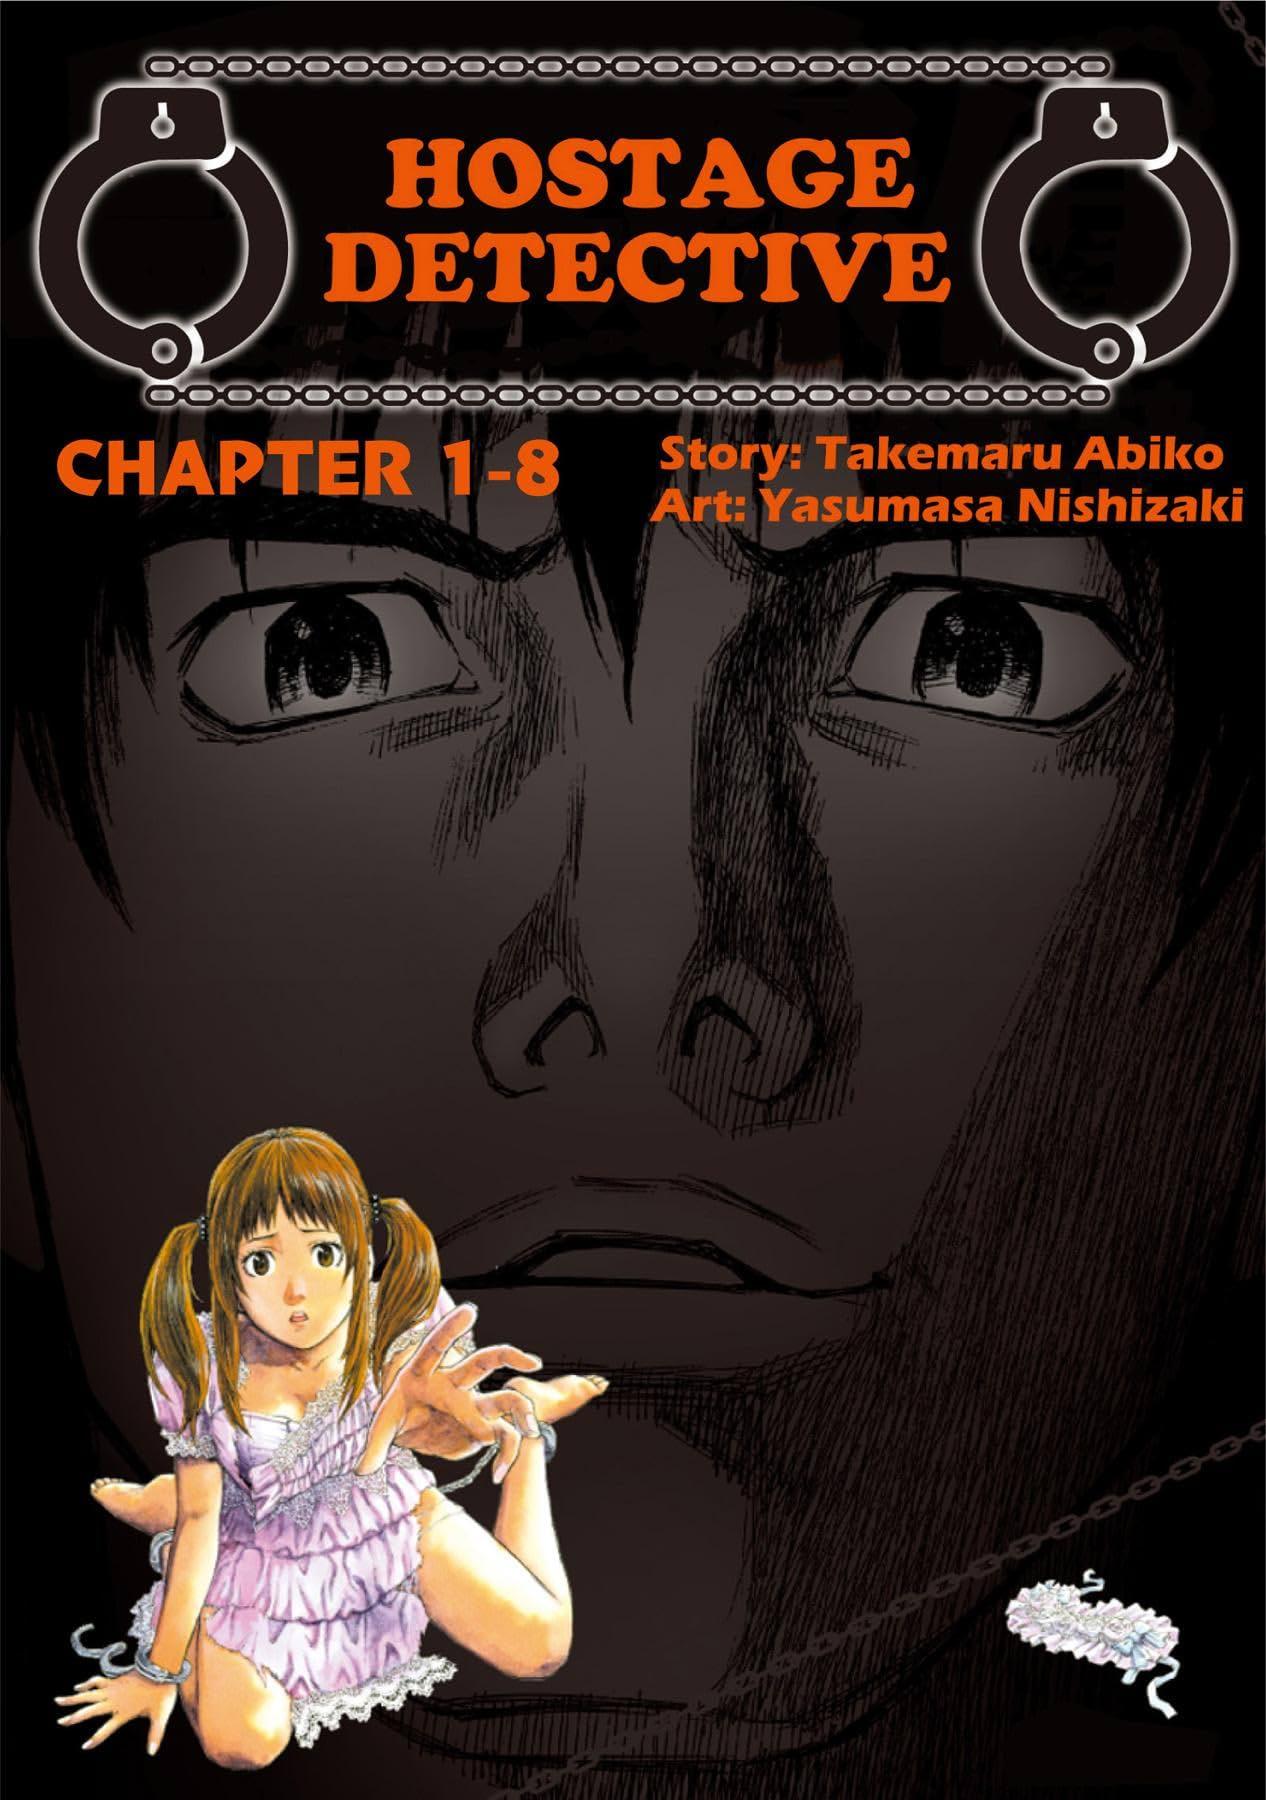 HOSTAGE DETECTIVE #8